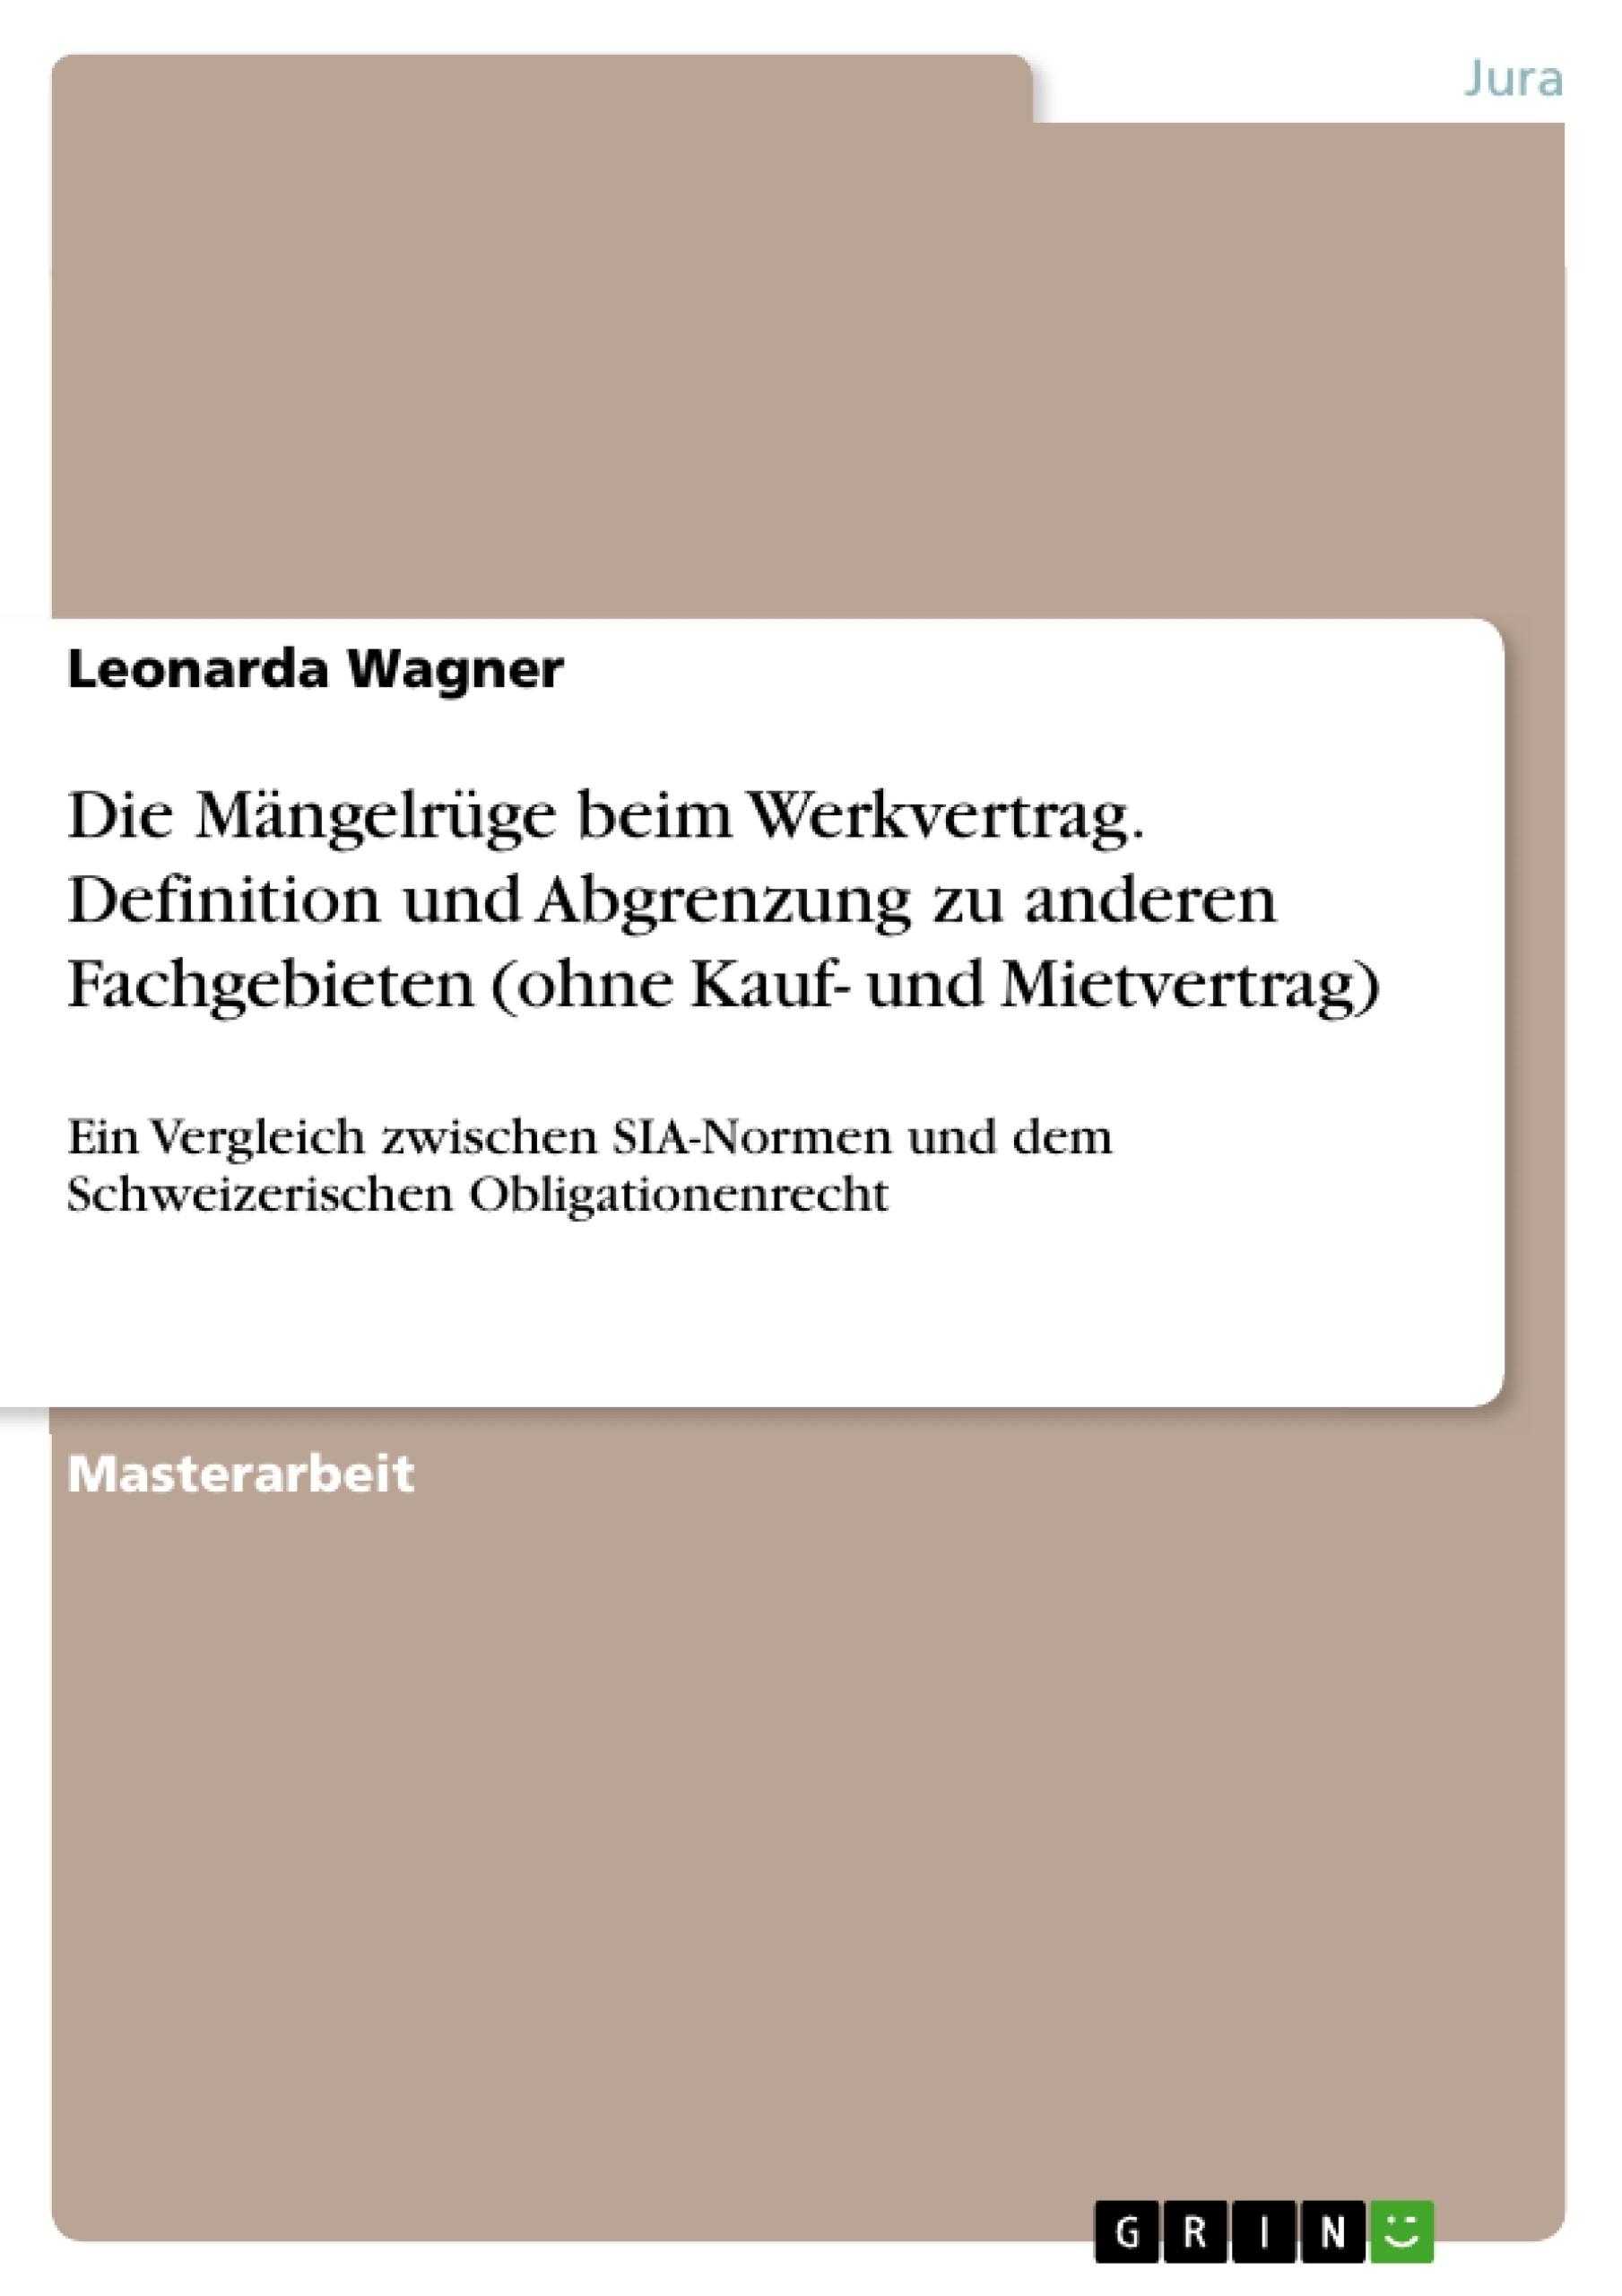 Titel: Die Mängelrüge beim Werkvertrag. Definition und Abgrenzung zu anderen Fachgebieten (ohne Kauf- und Mietvertrag)